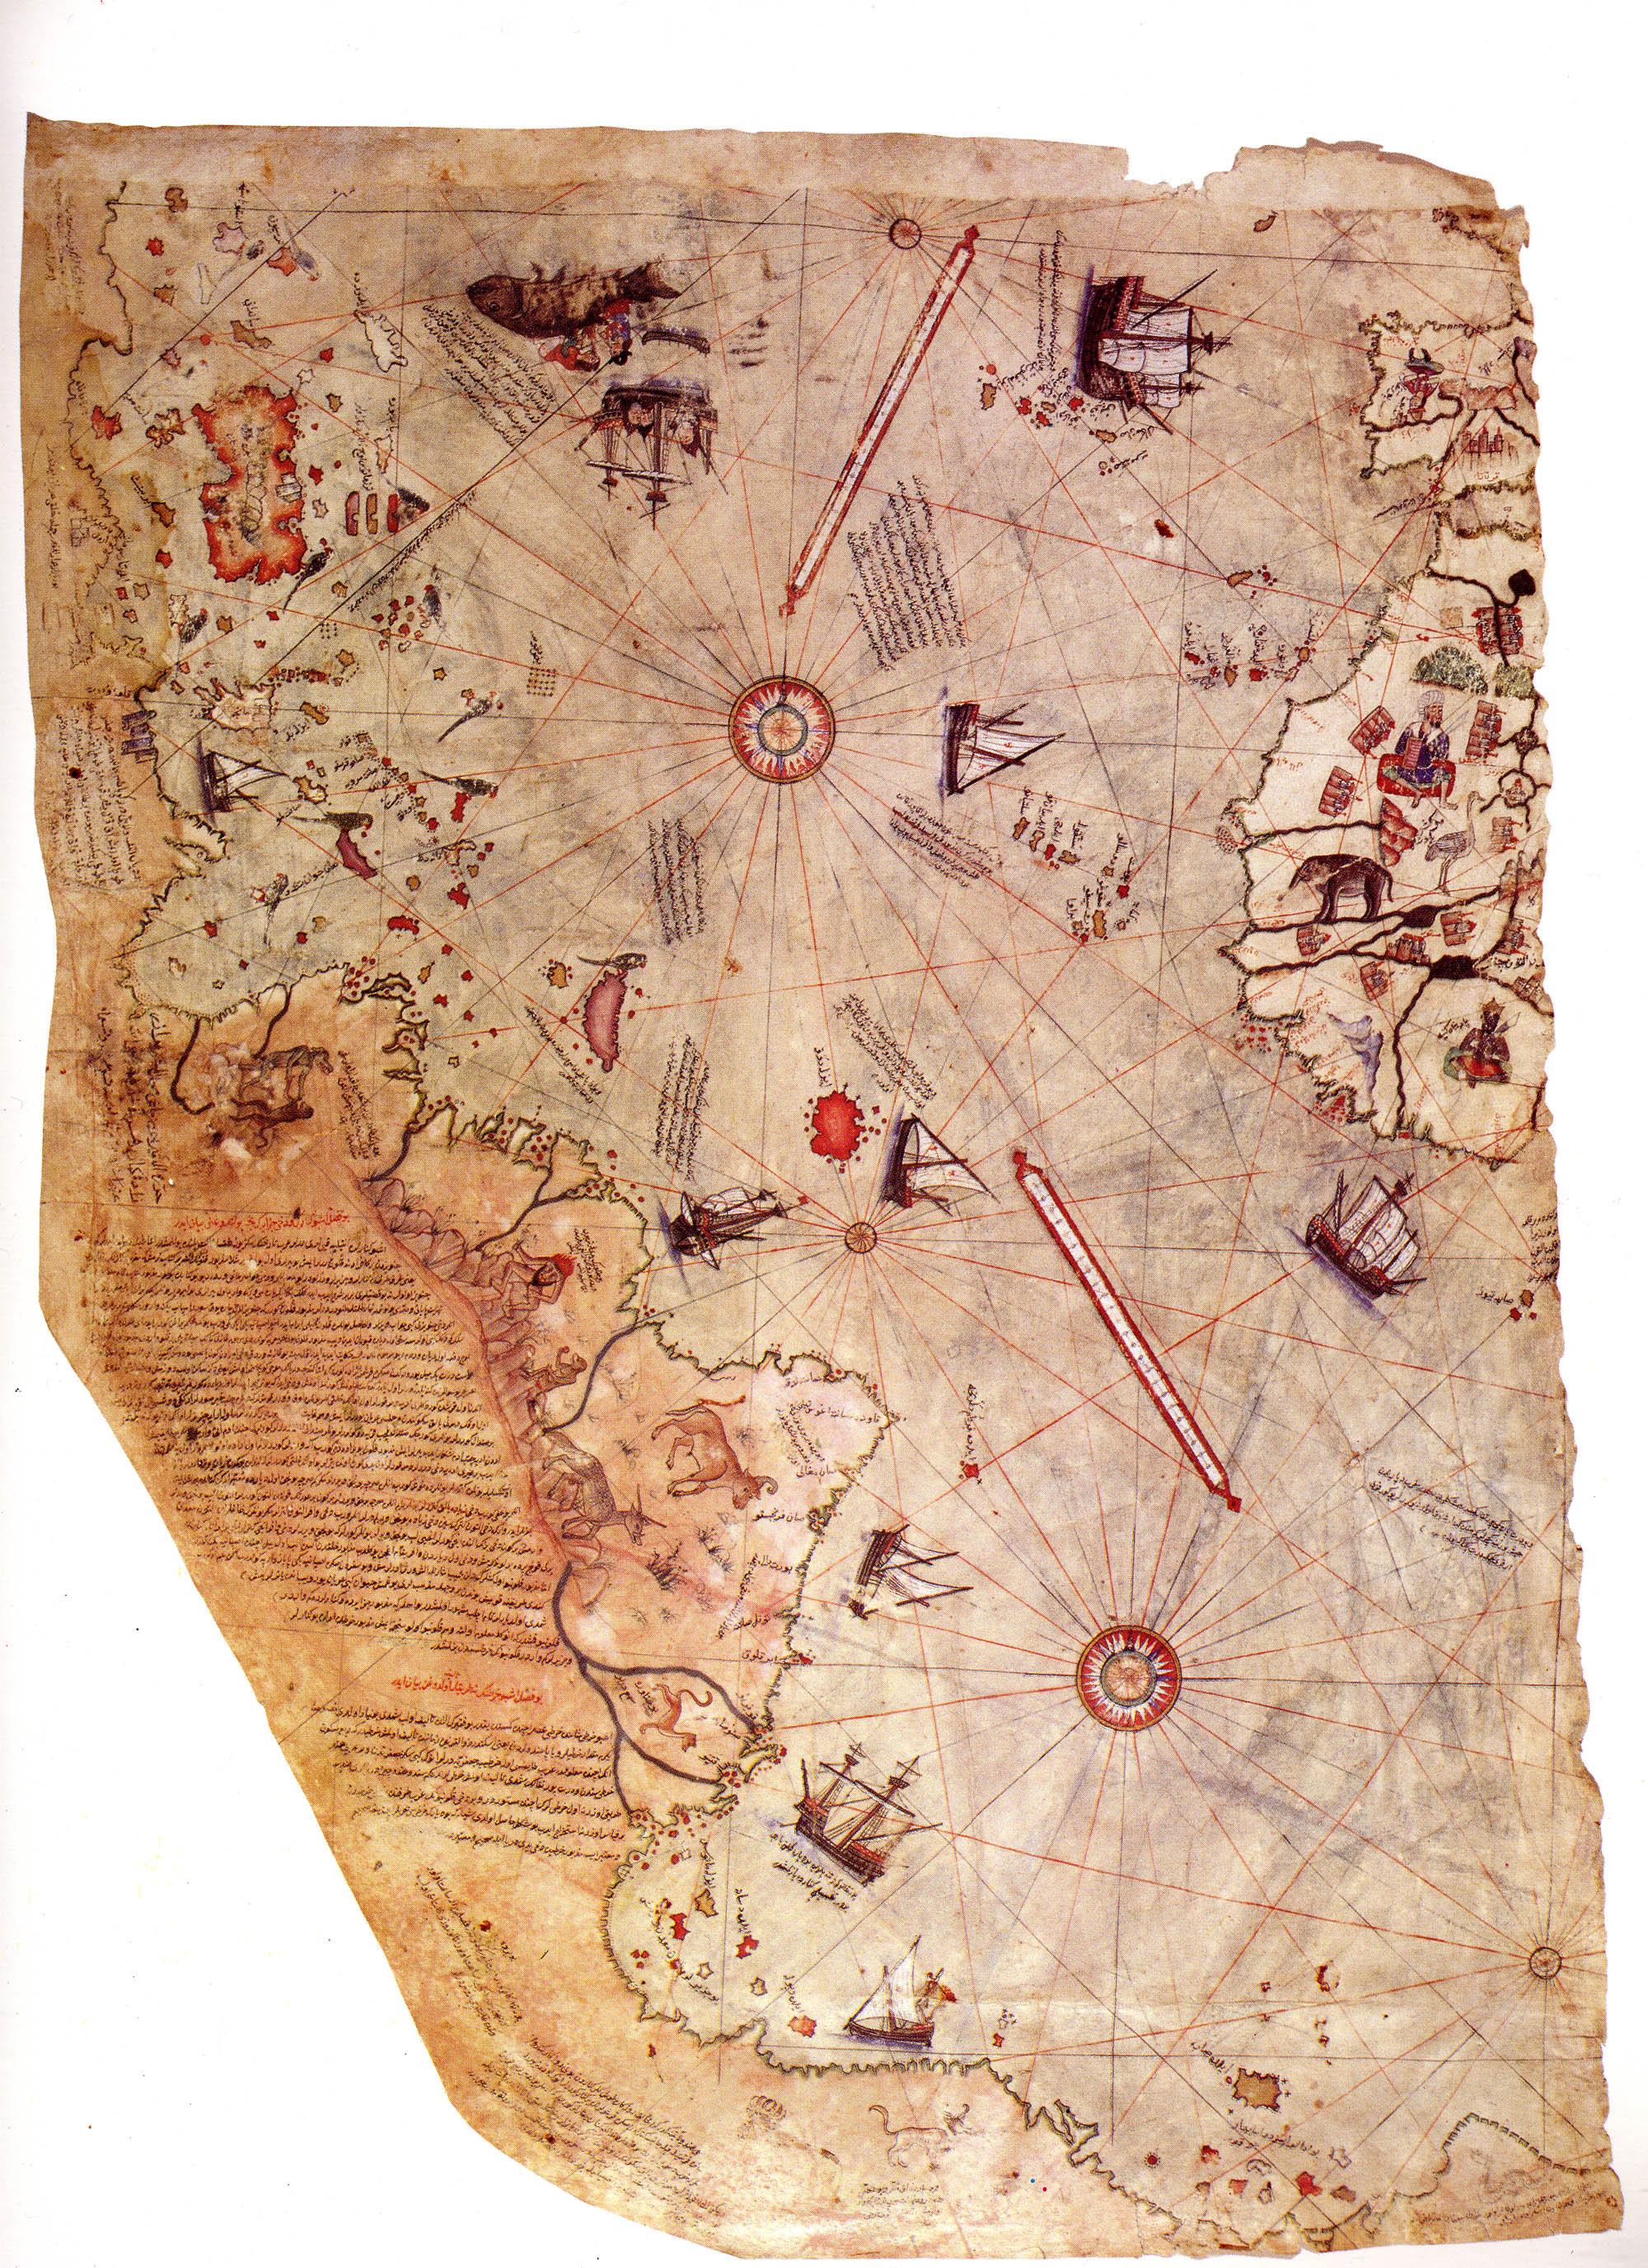 Сдвиг полюсов. Старинные карты. Карта Пири-Рейса